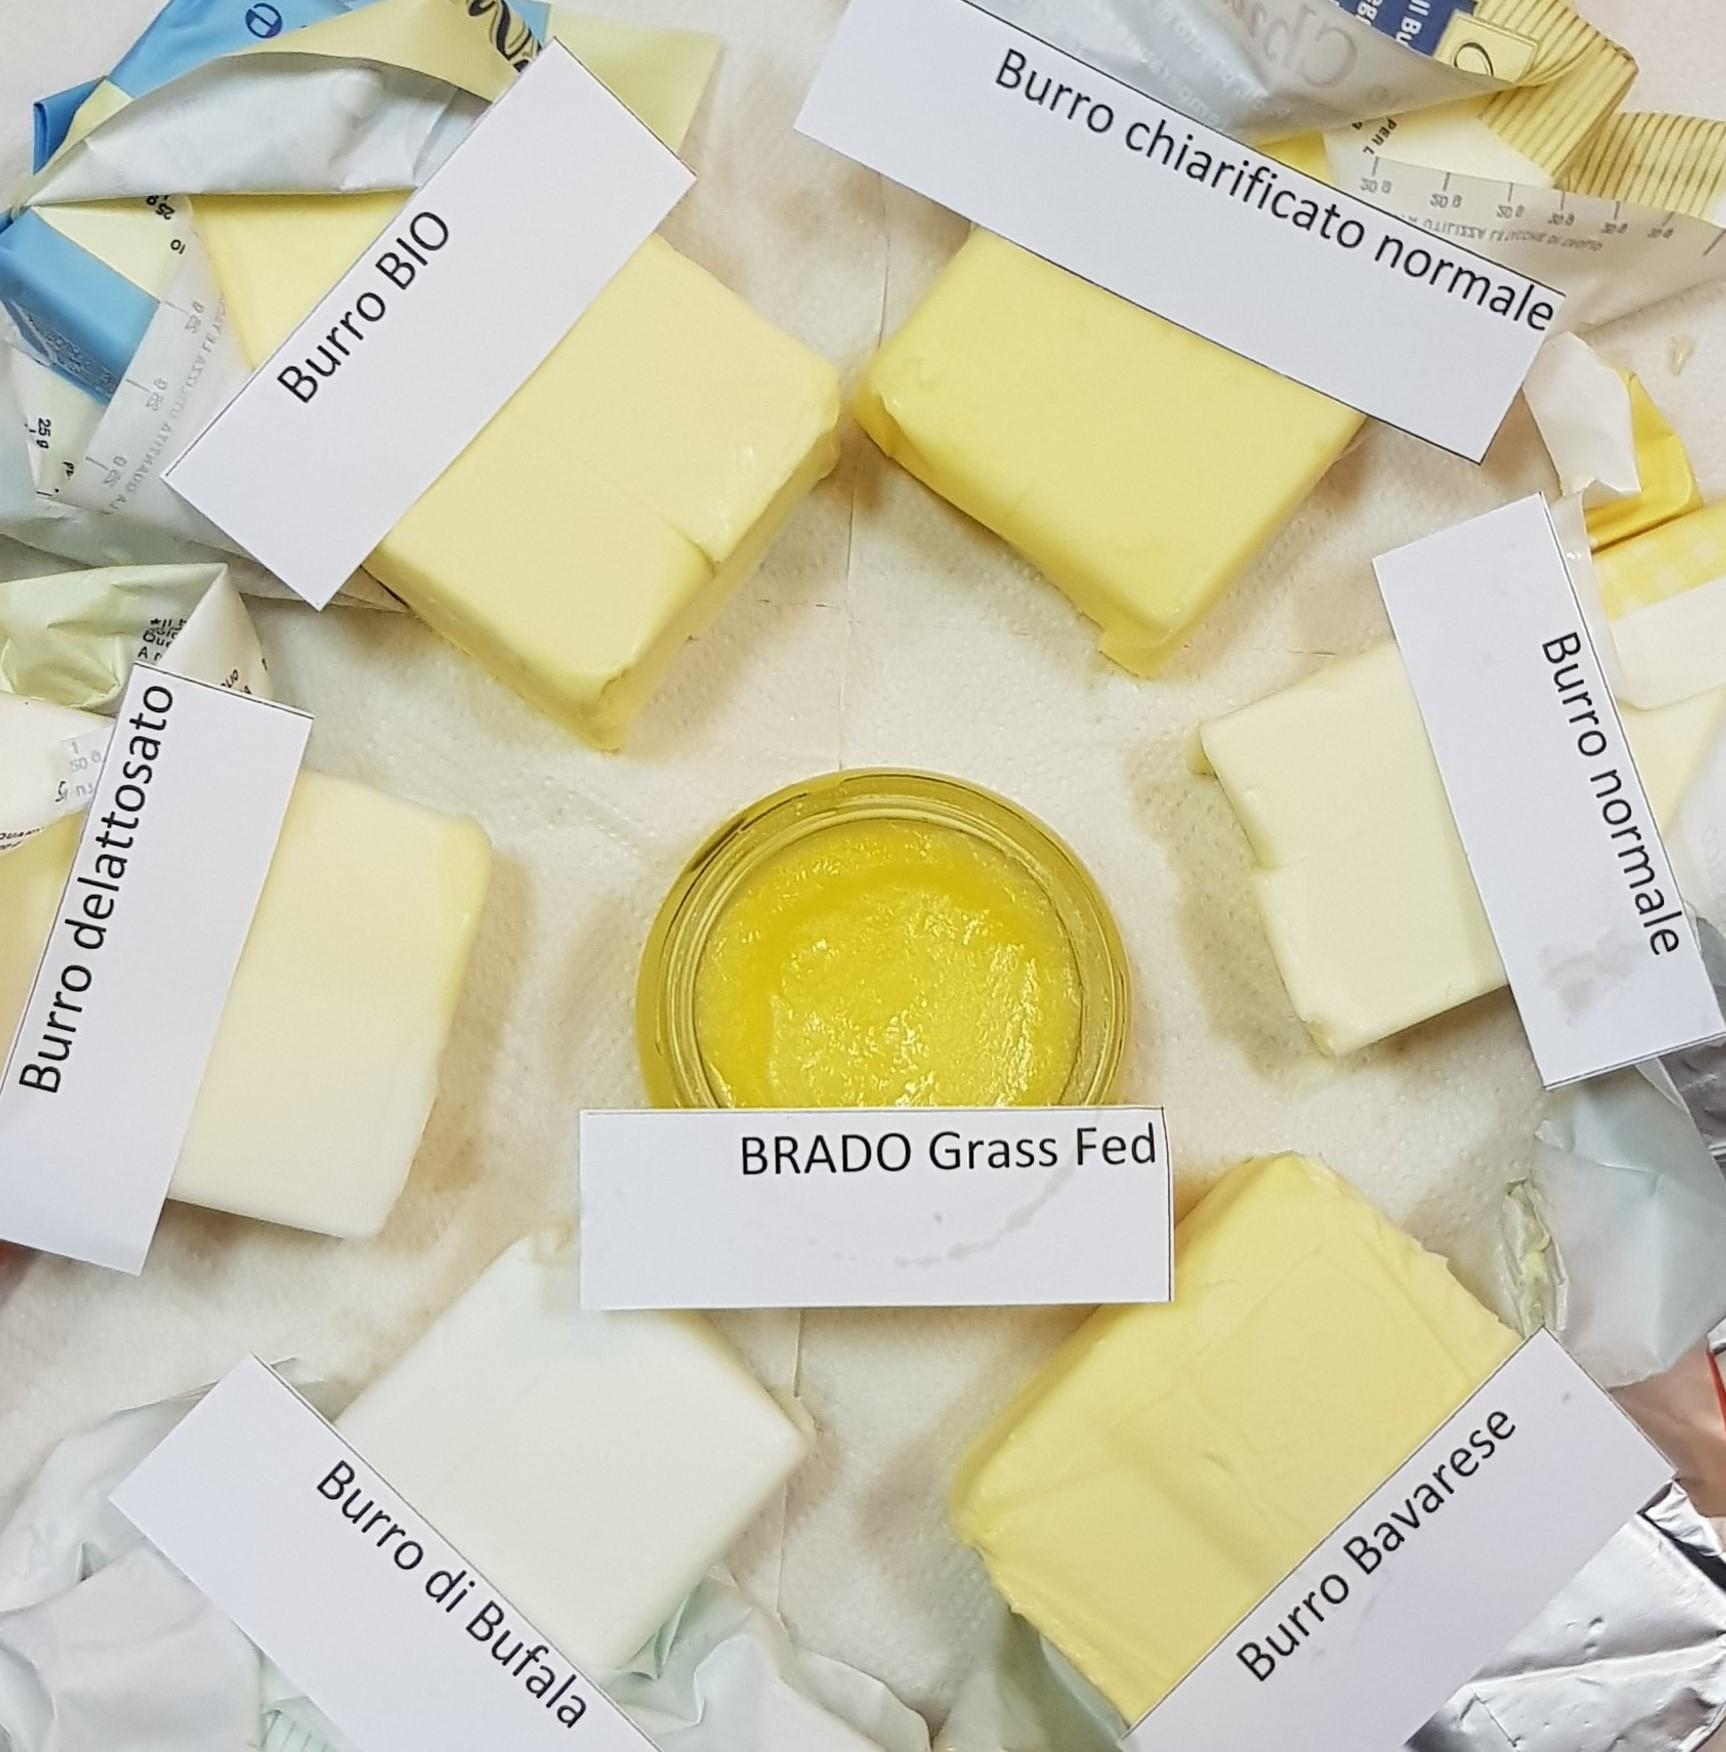 Comparazione dei normali burri in commercio in Italia e BRADO (al centro): una differenza abissale di colore dovuto appunto alla quantità elevata di Vitamina K2 ed altre sostanza nutritive